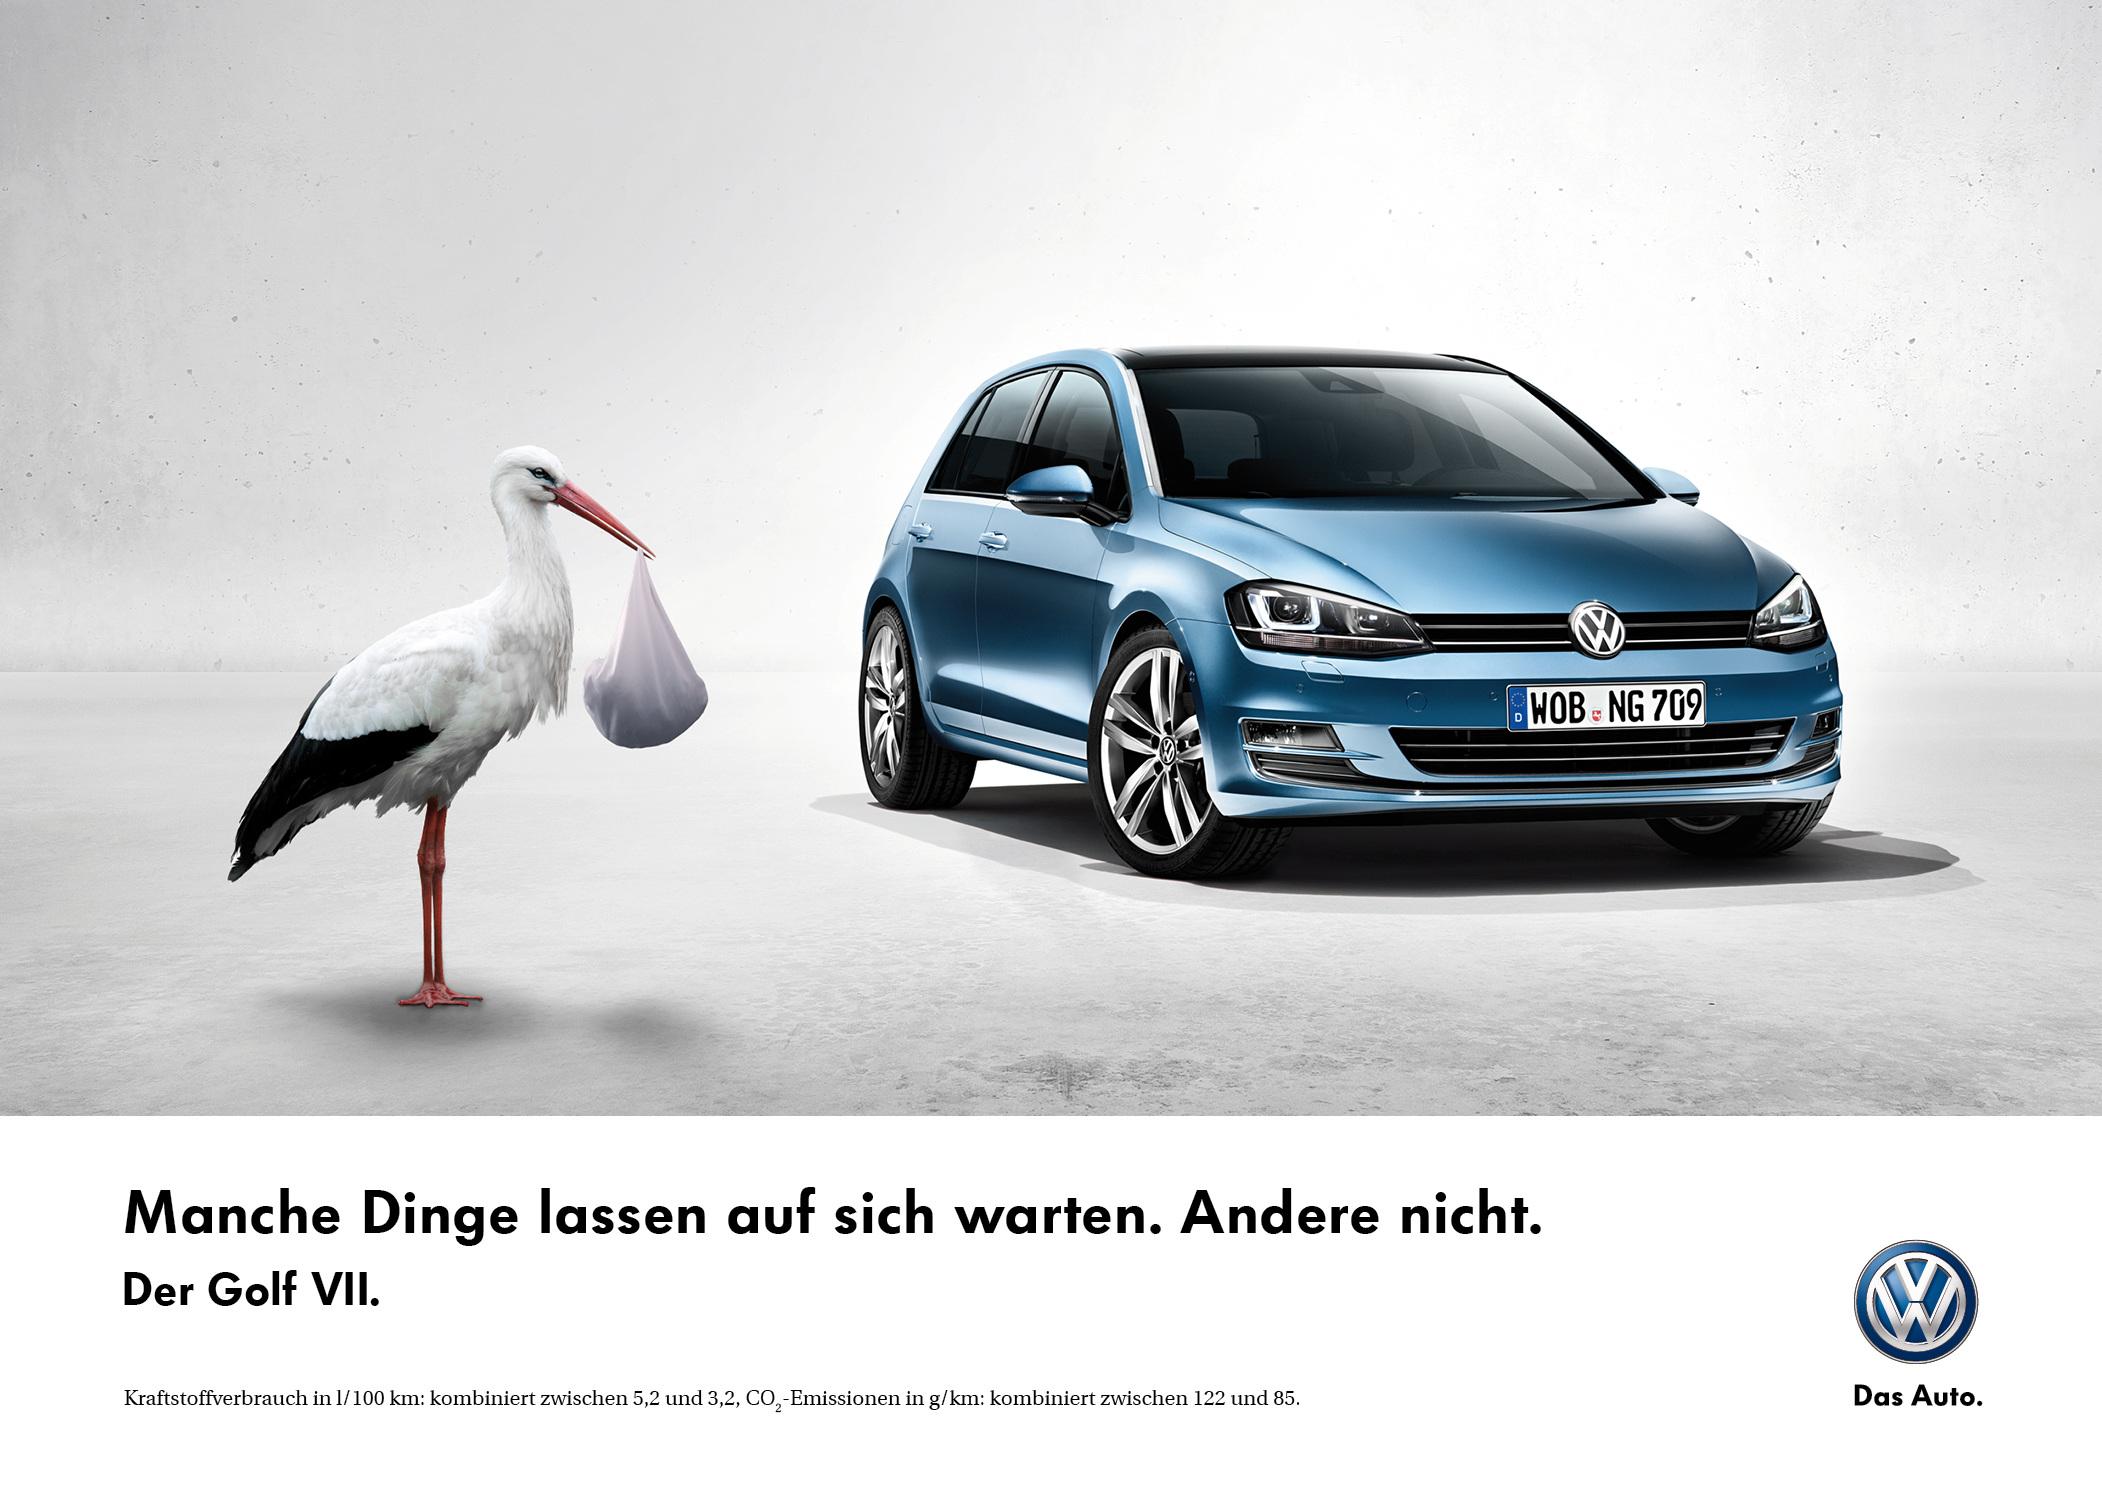 VW_Warten_2_2102